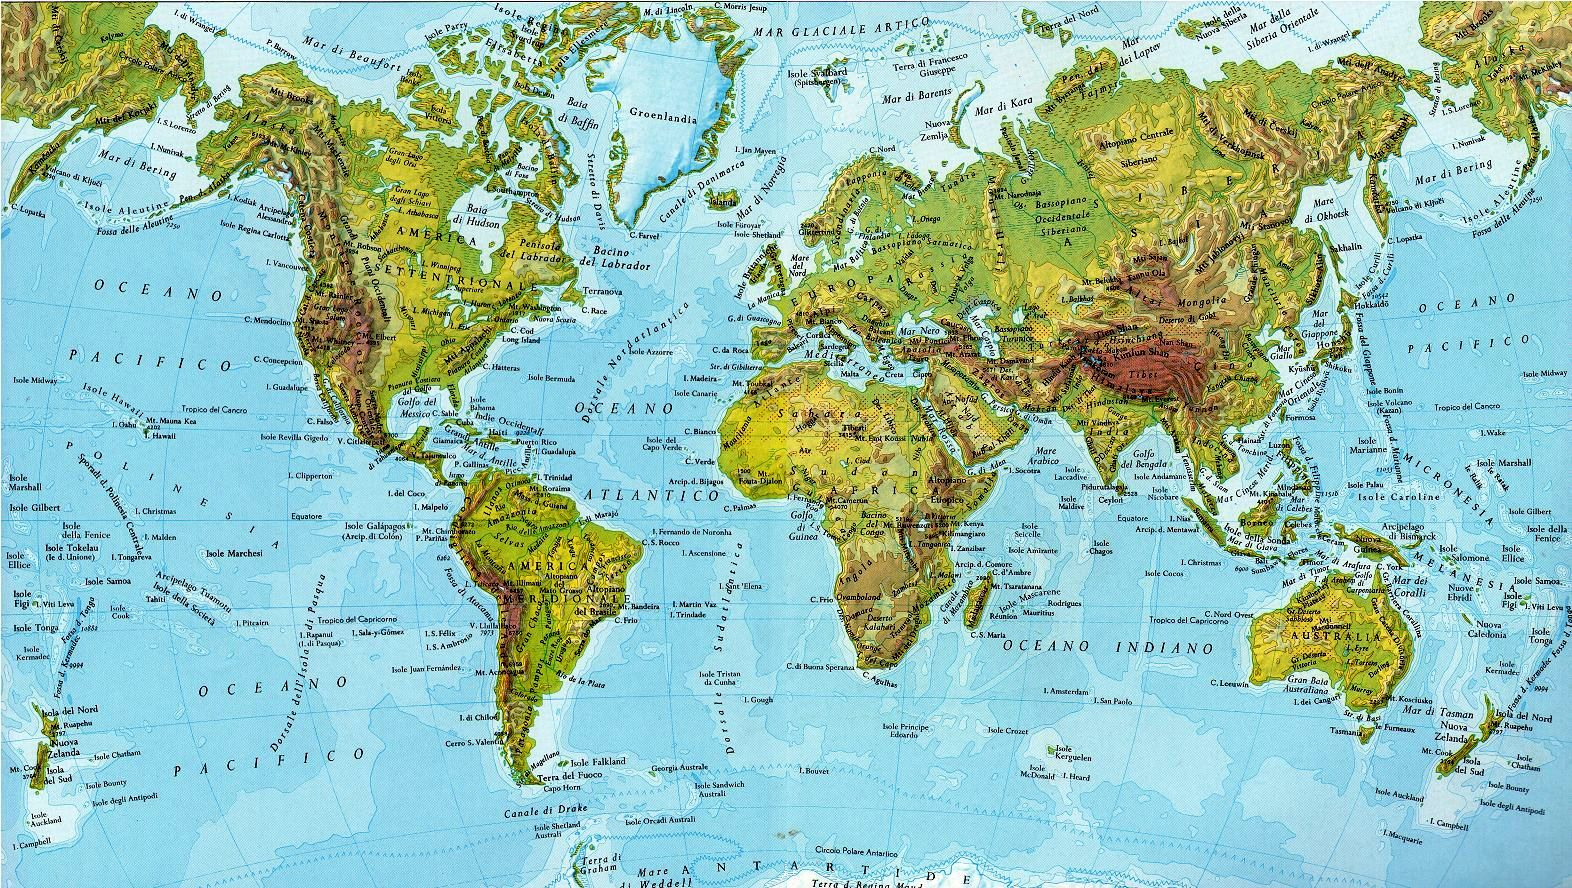 Impariamo insieme cartina geografica del mondo for Design e rimodellamento della casa sud occidentale